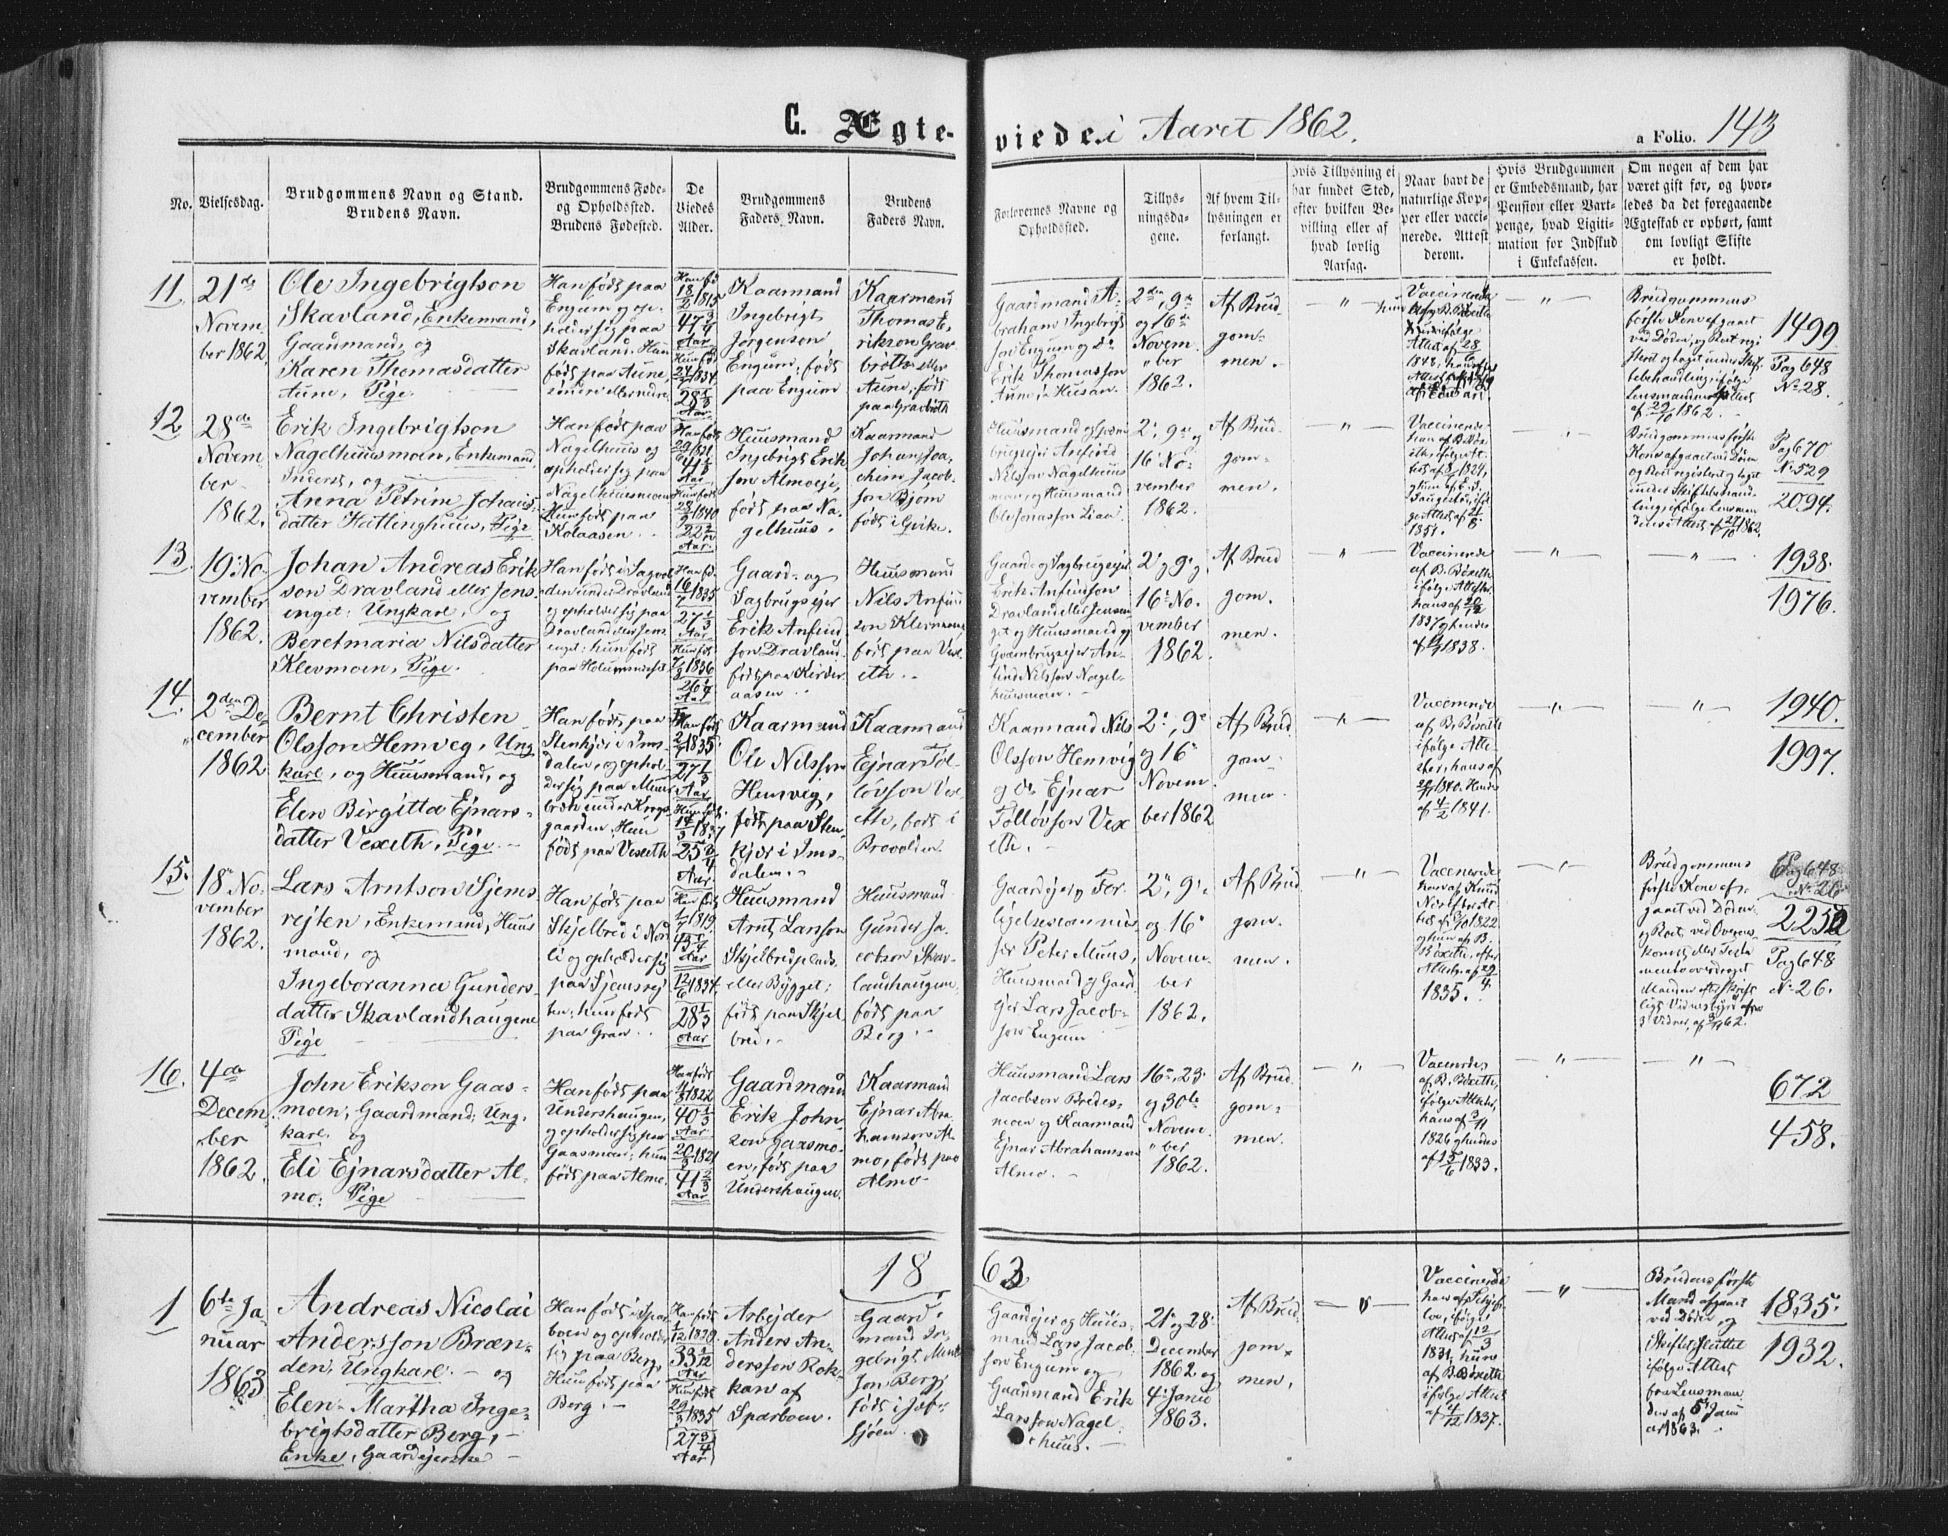 SAT, Ministerialprotokoller, klokkerbøker og fødselsregistre - Nord-Trøndelag, 749/L0472: Ministerialbok nr. 749A06, 1857-1873, s. 143